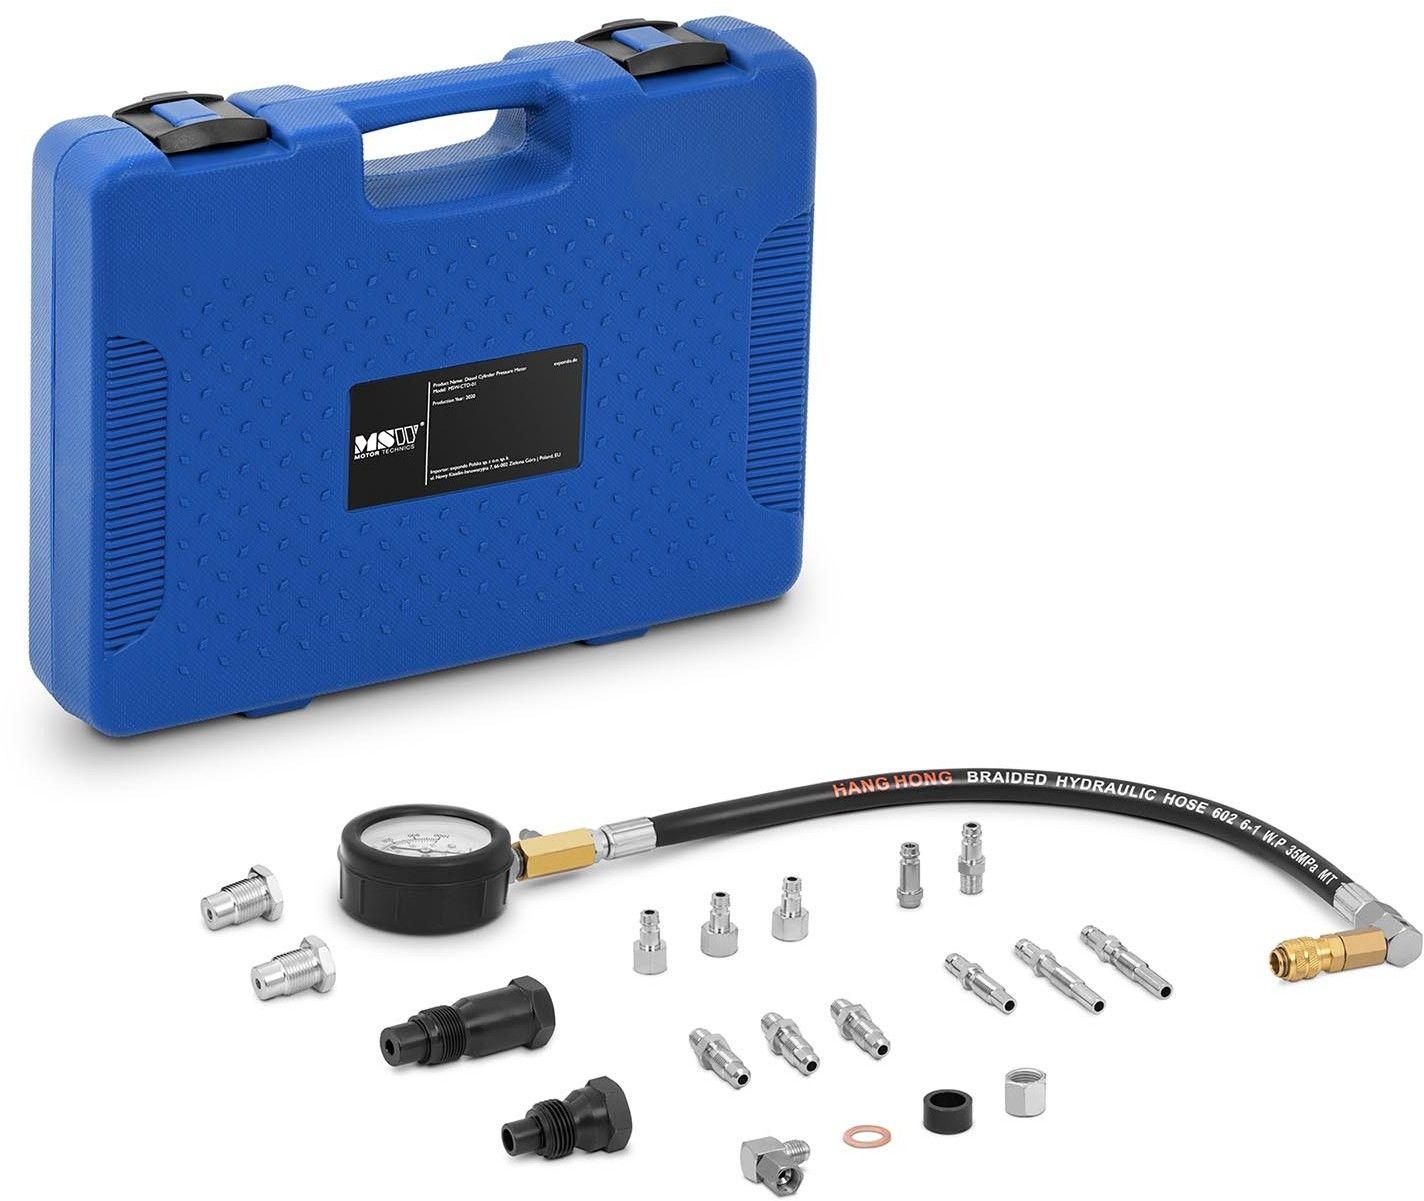 Miernik kompresji - Diesel - przewód 45 cm - MSW - MSW-CTD-01 - 3 lata gwarancji/wysyłka w 24h